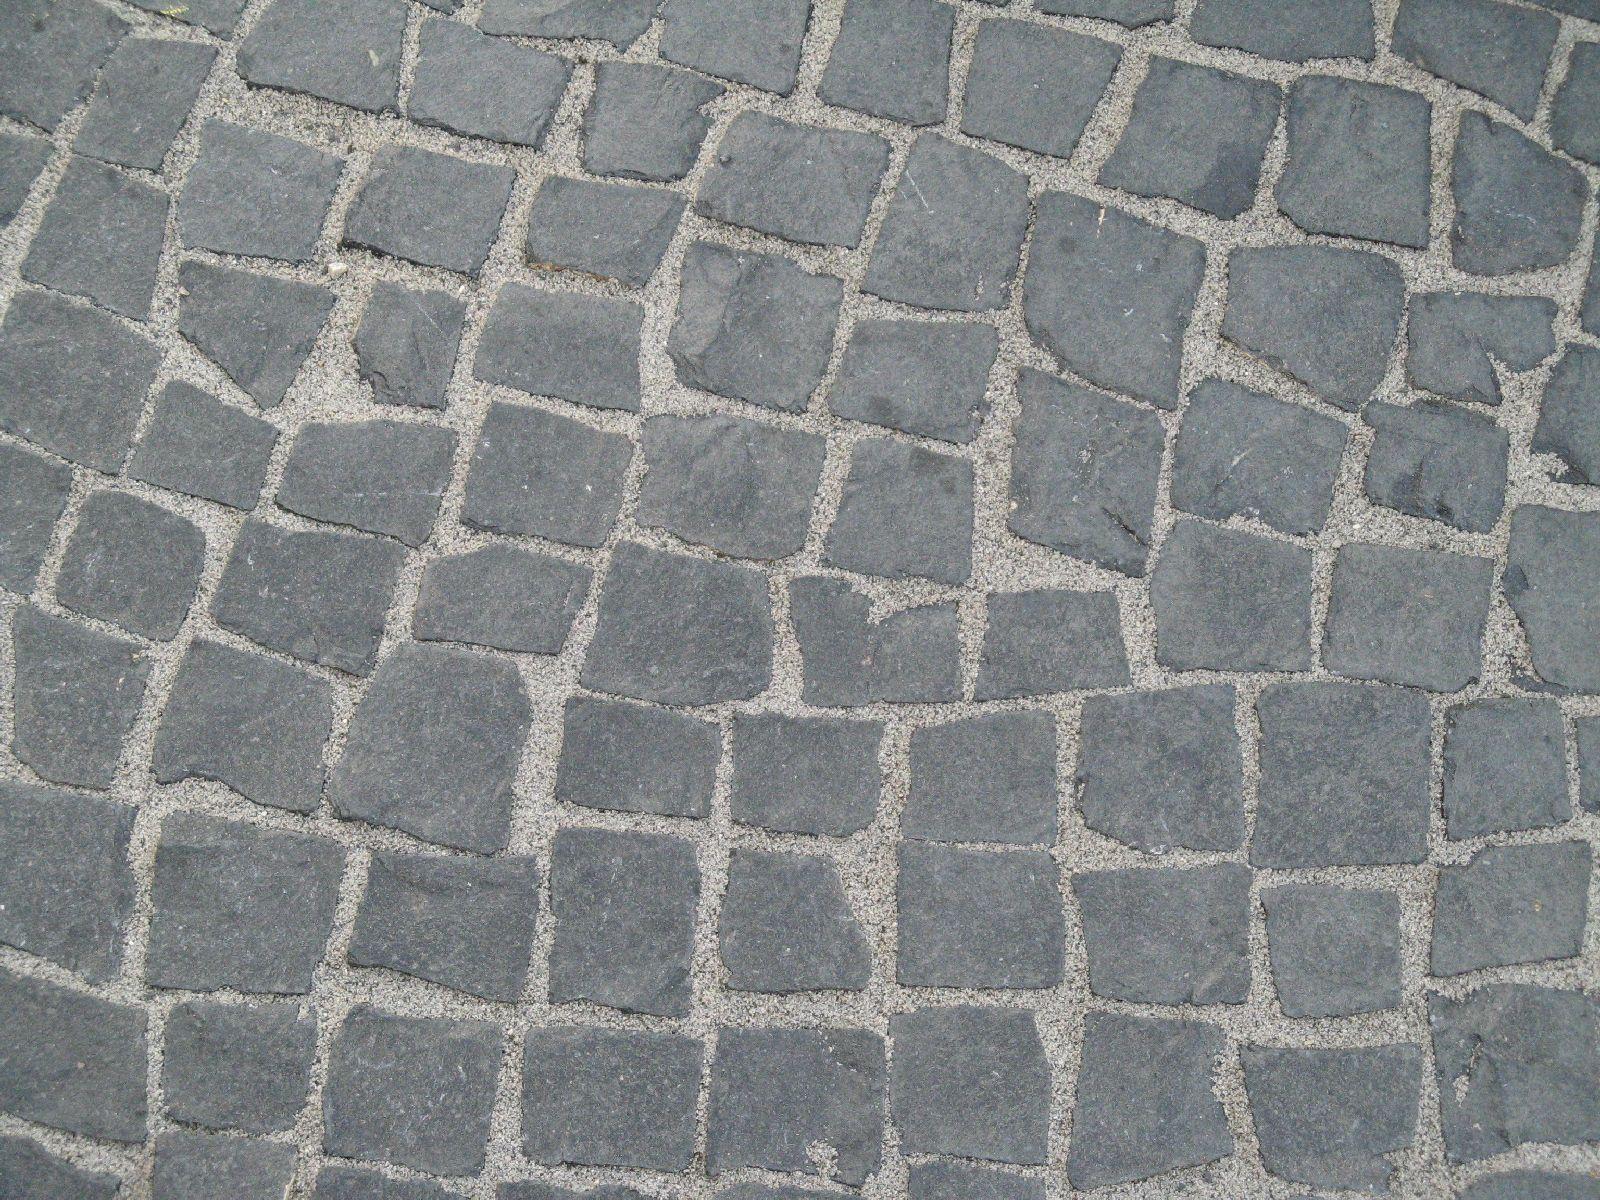 Ground-Urban_Texture_B_00638